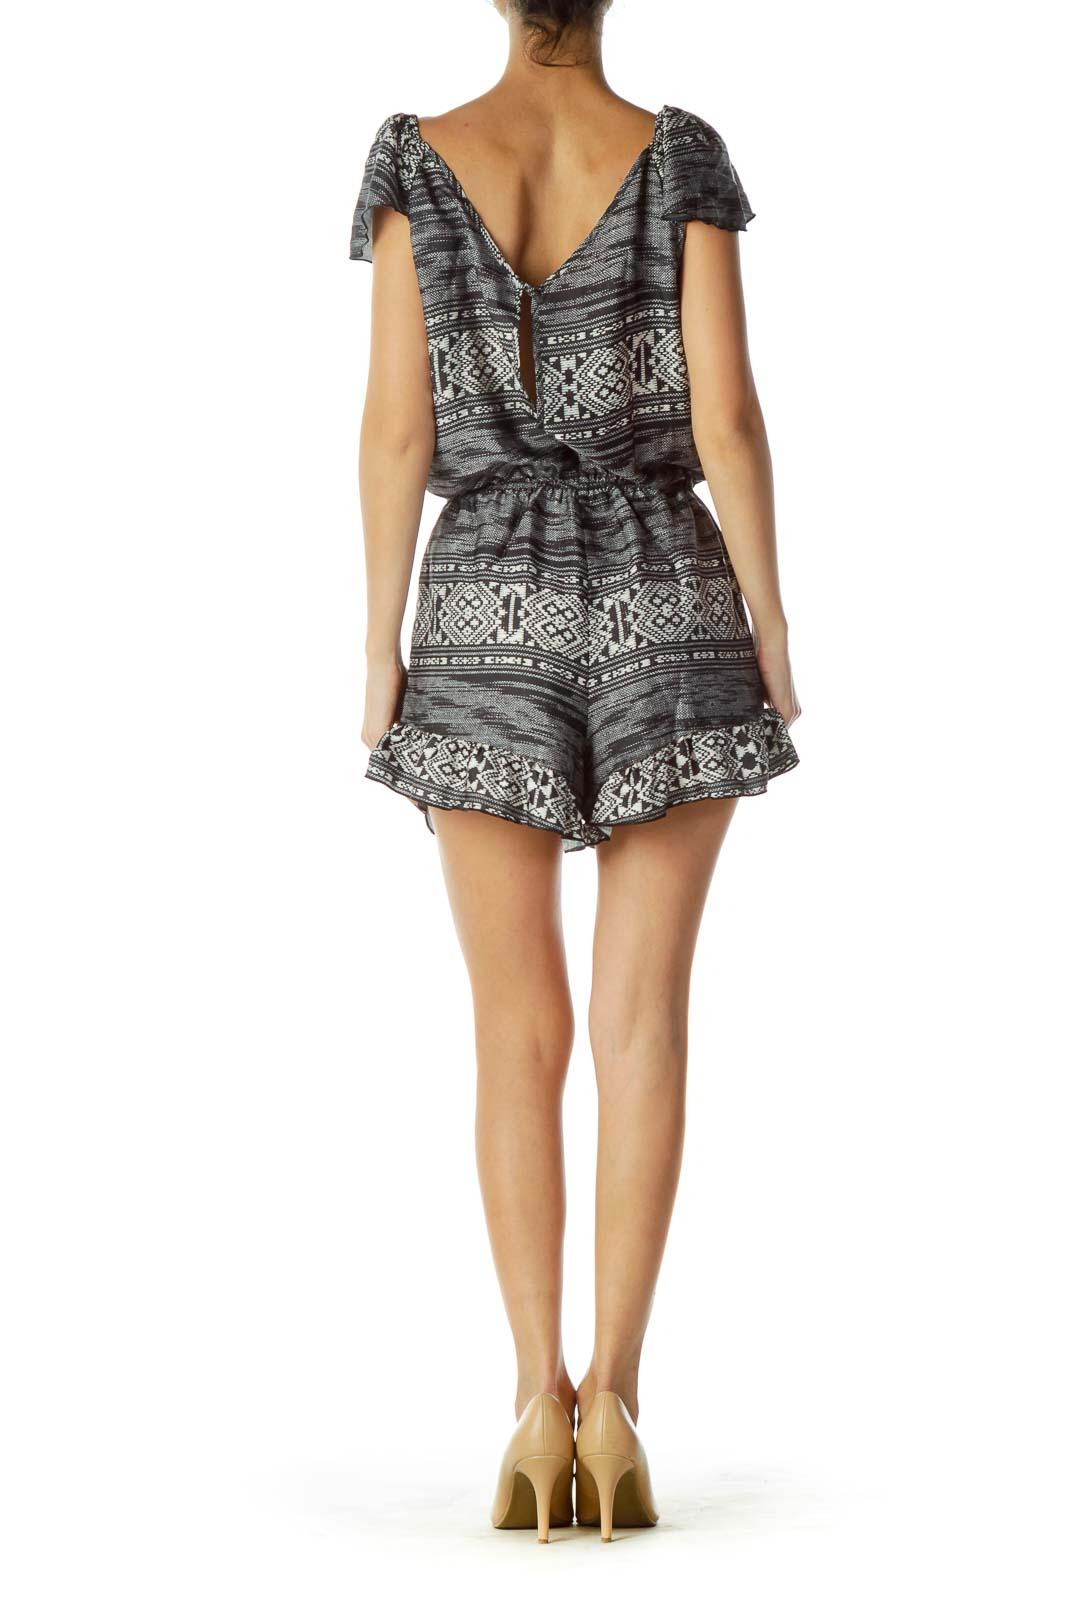 9ec71d9832b8 Shop Black Cream Printed Off-Shoulder Romper clothing and handbags ...